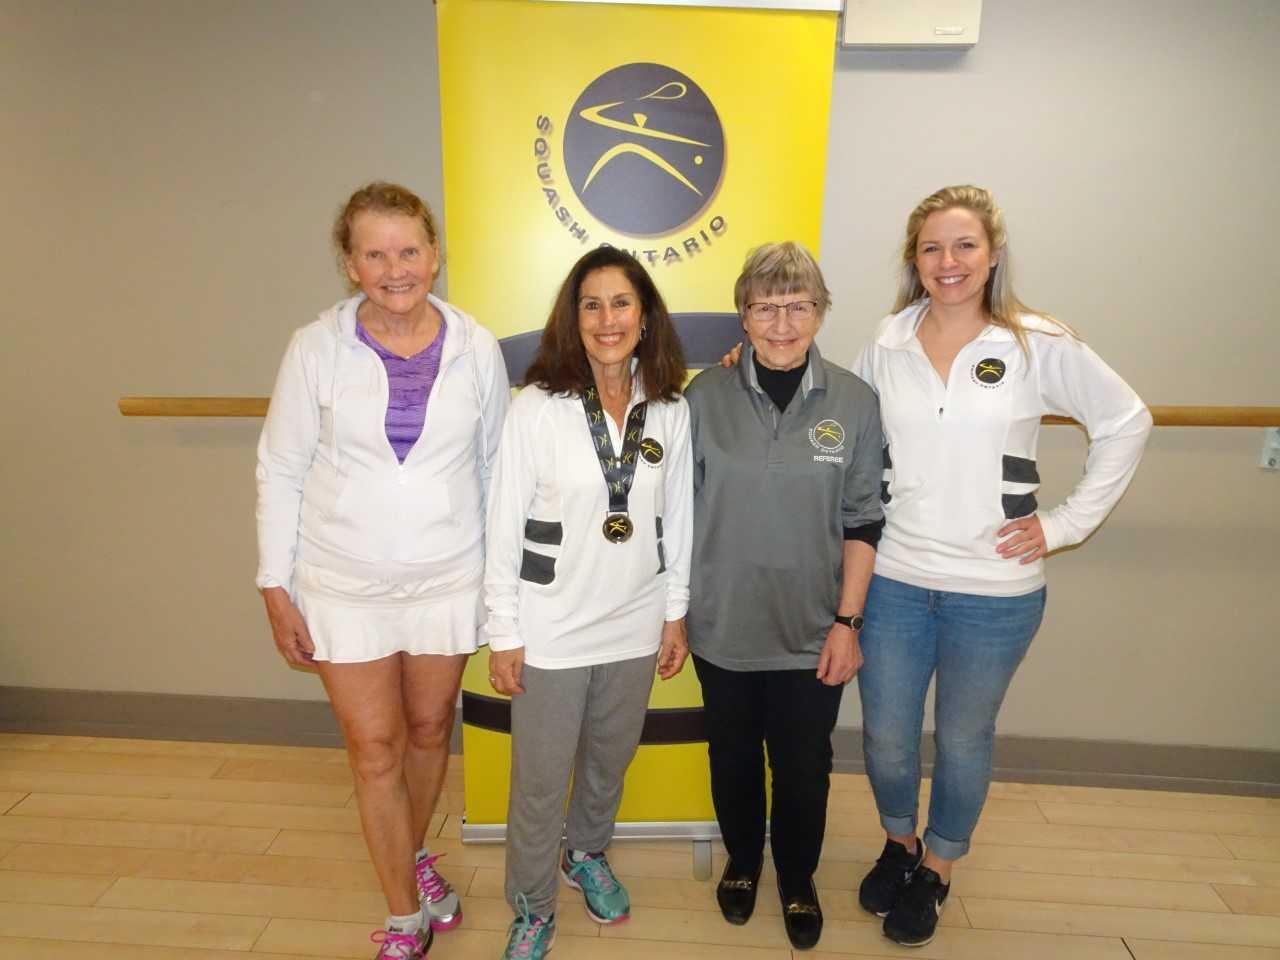 L-R: Christine Kogon, Marilyn Saltzman, Penny Glover, Squash Ontario's Lynsey Yates